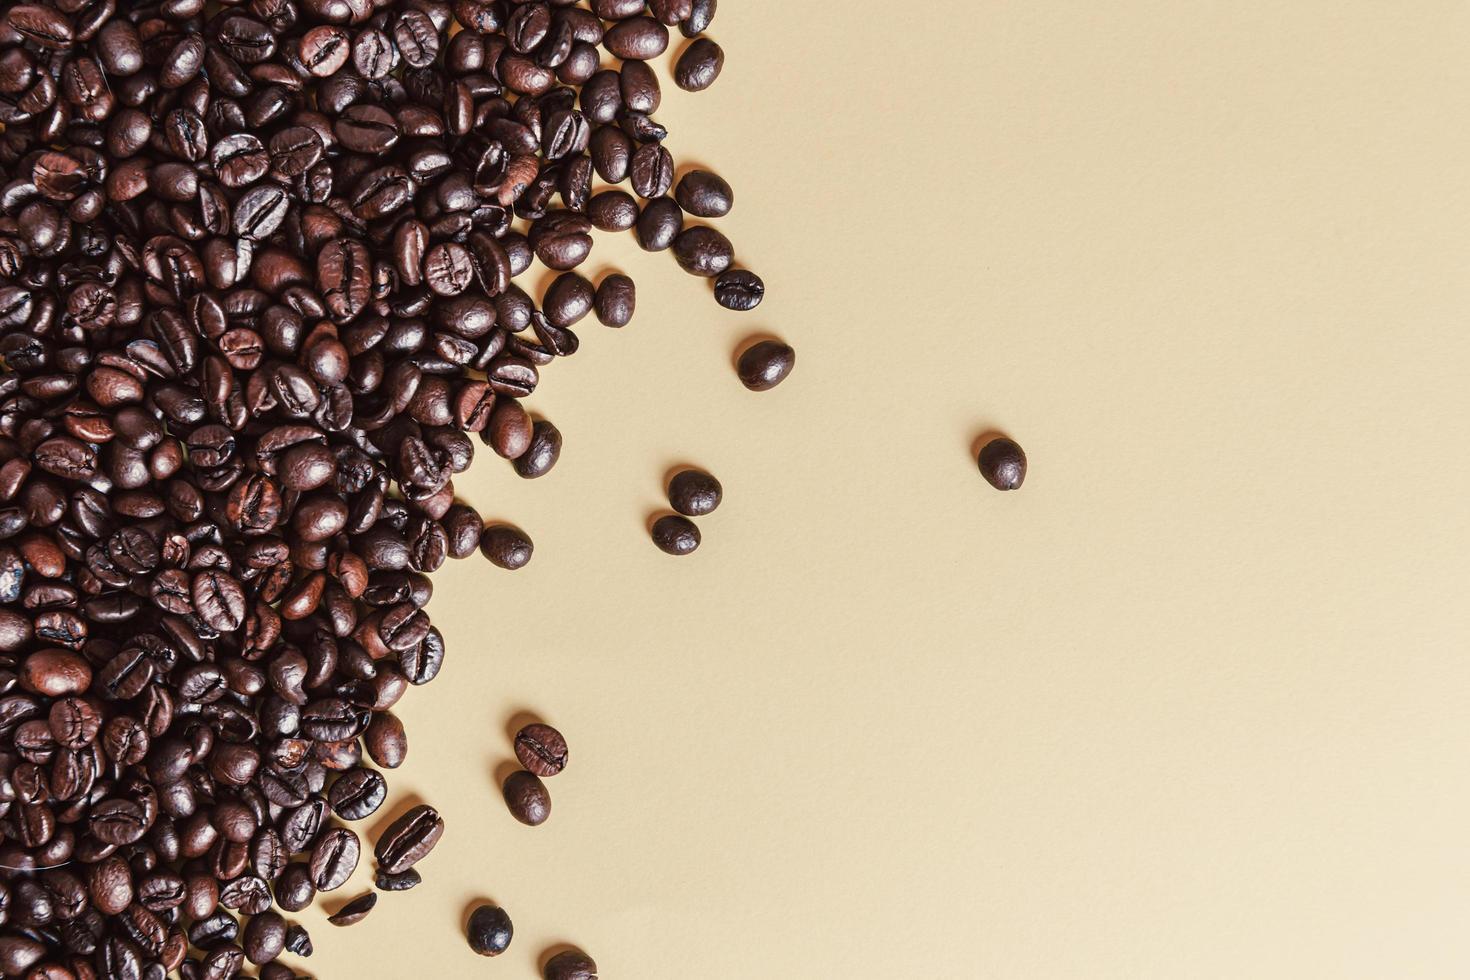 Granos de café tostados sobre fondo liso foto